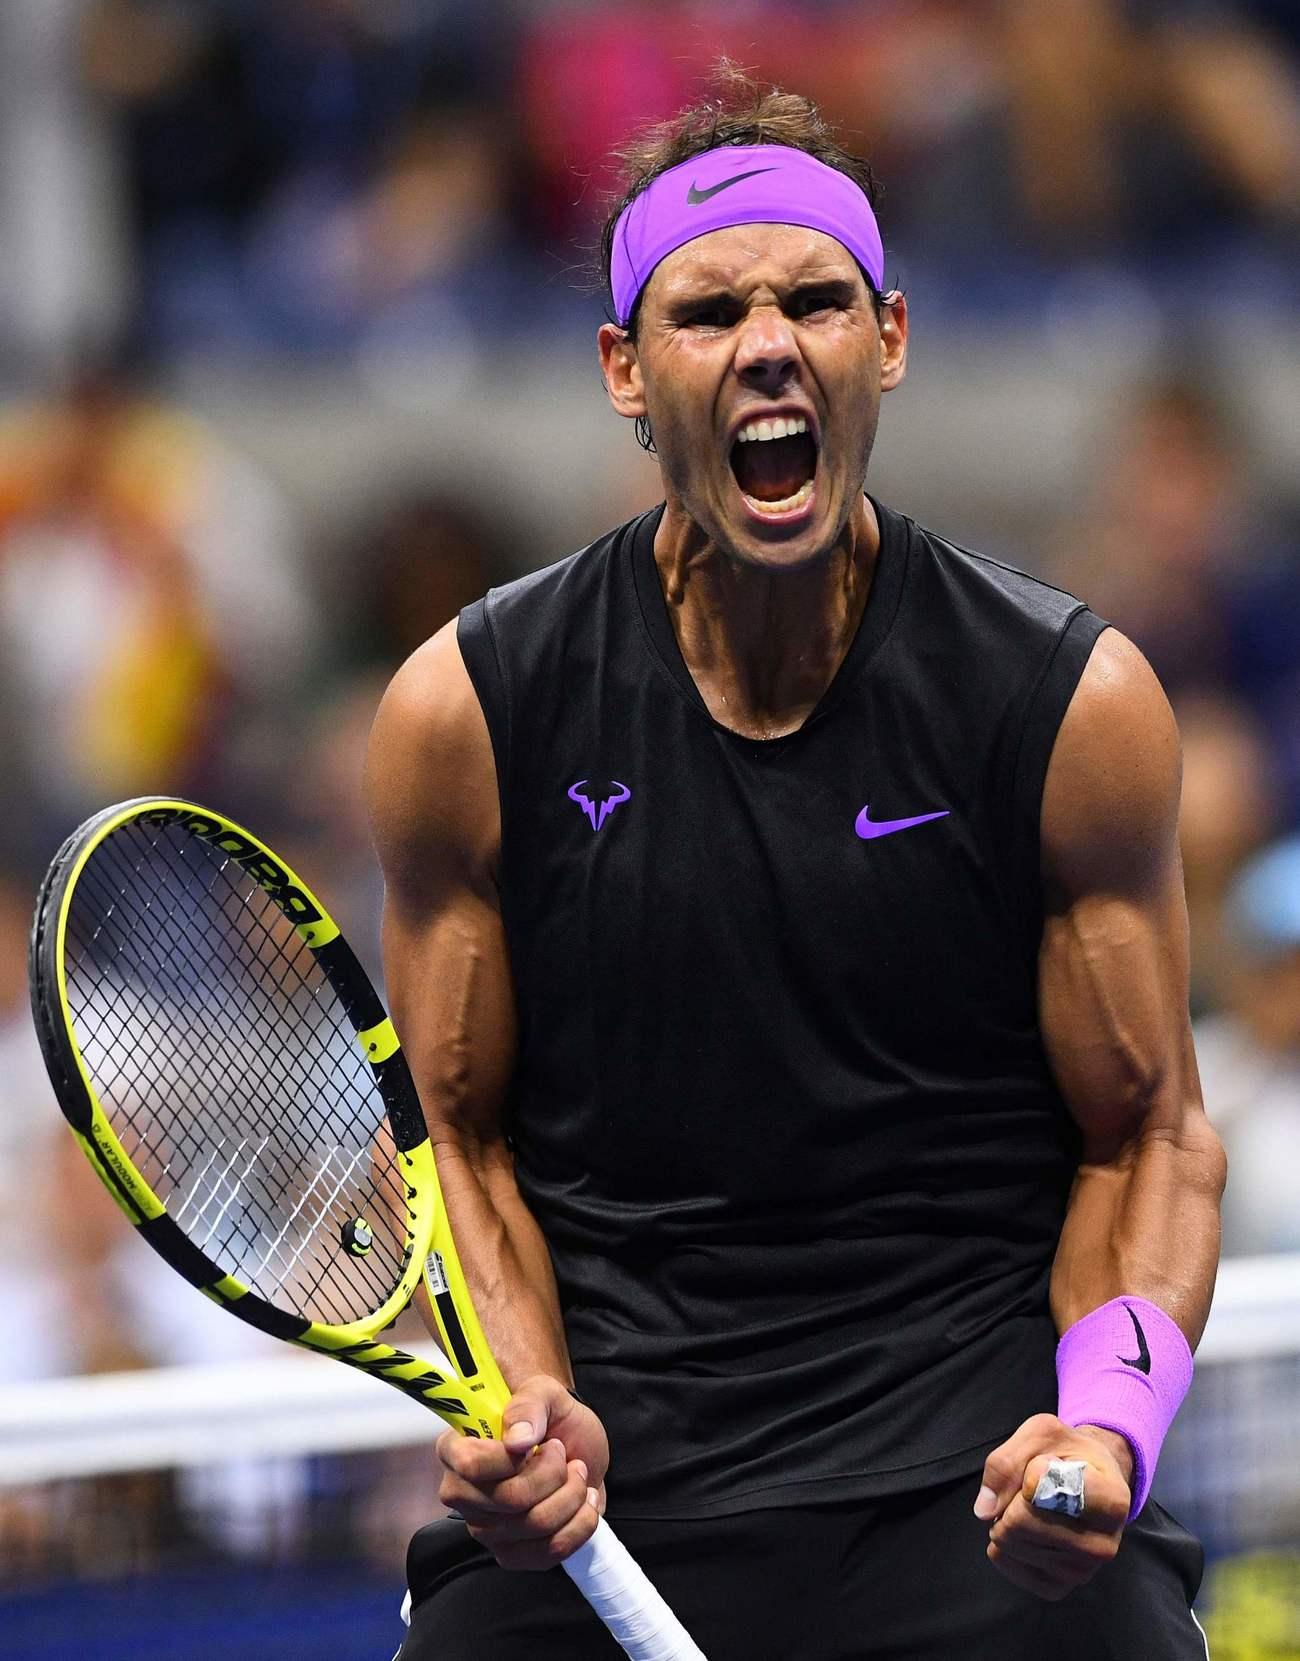 A legjobb képek a Rafa Nadal győzelméről, Diego Schwartzman ellen az US Open tenisz negyeddöntőjében